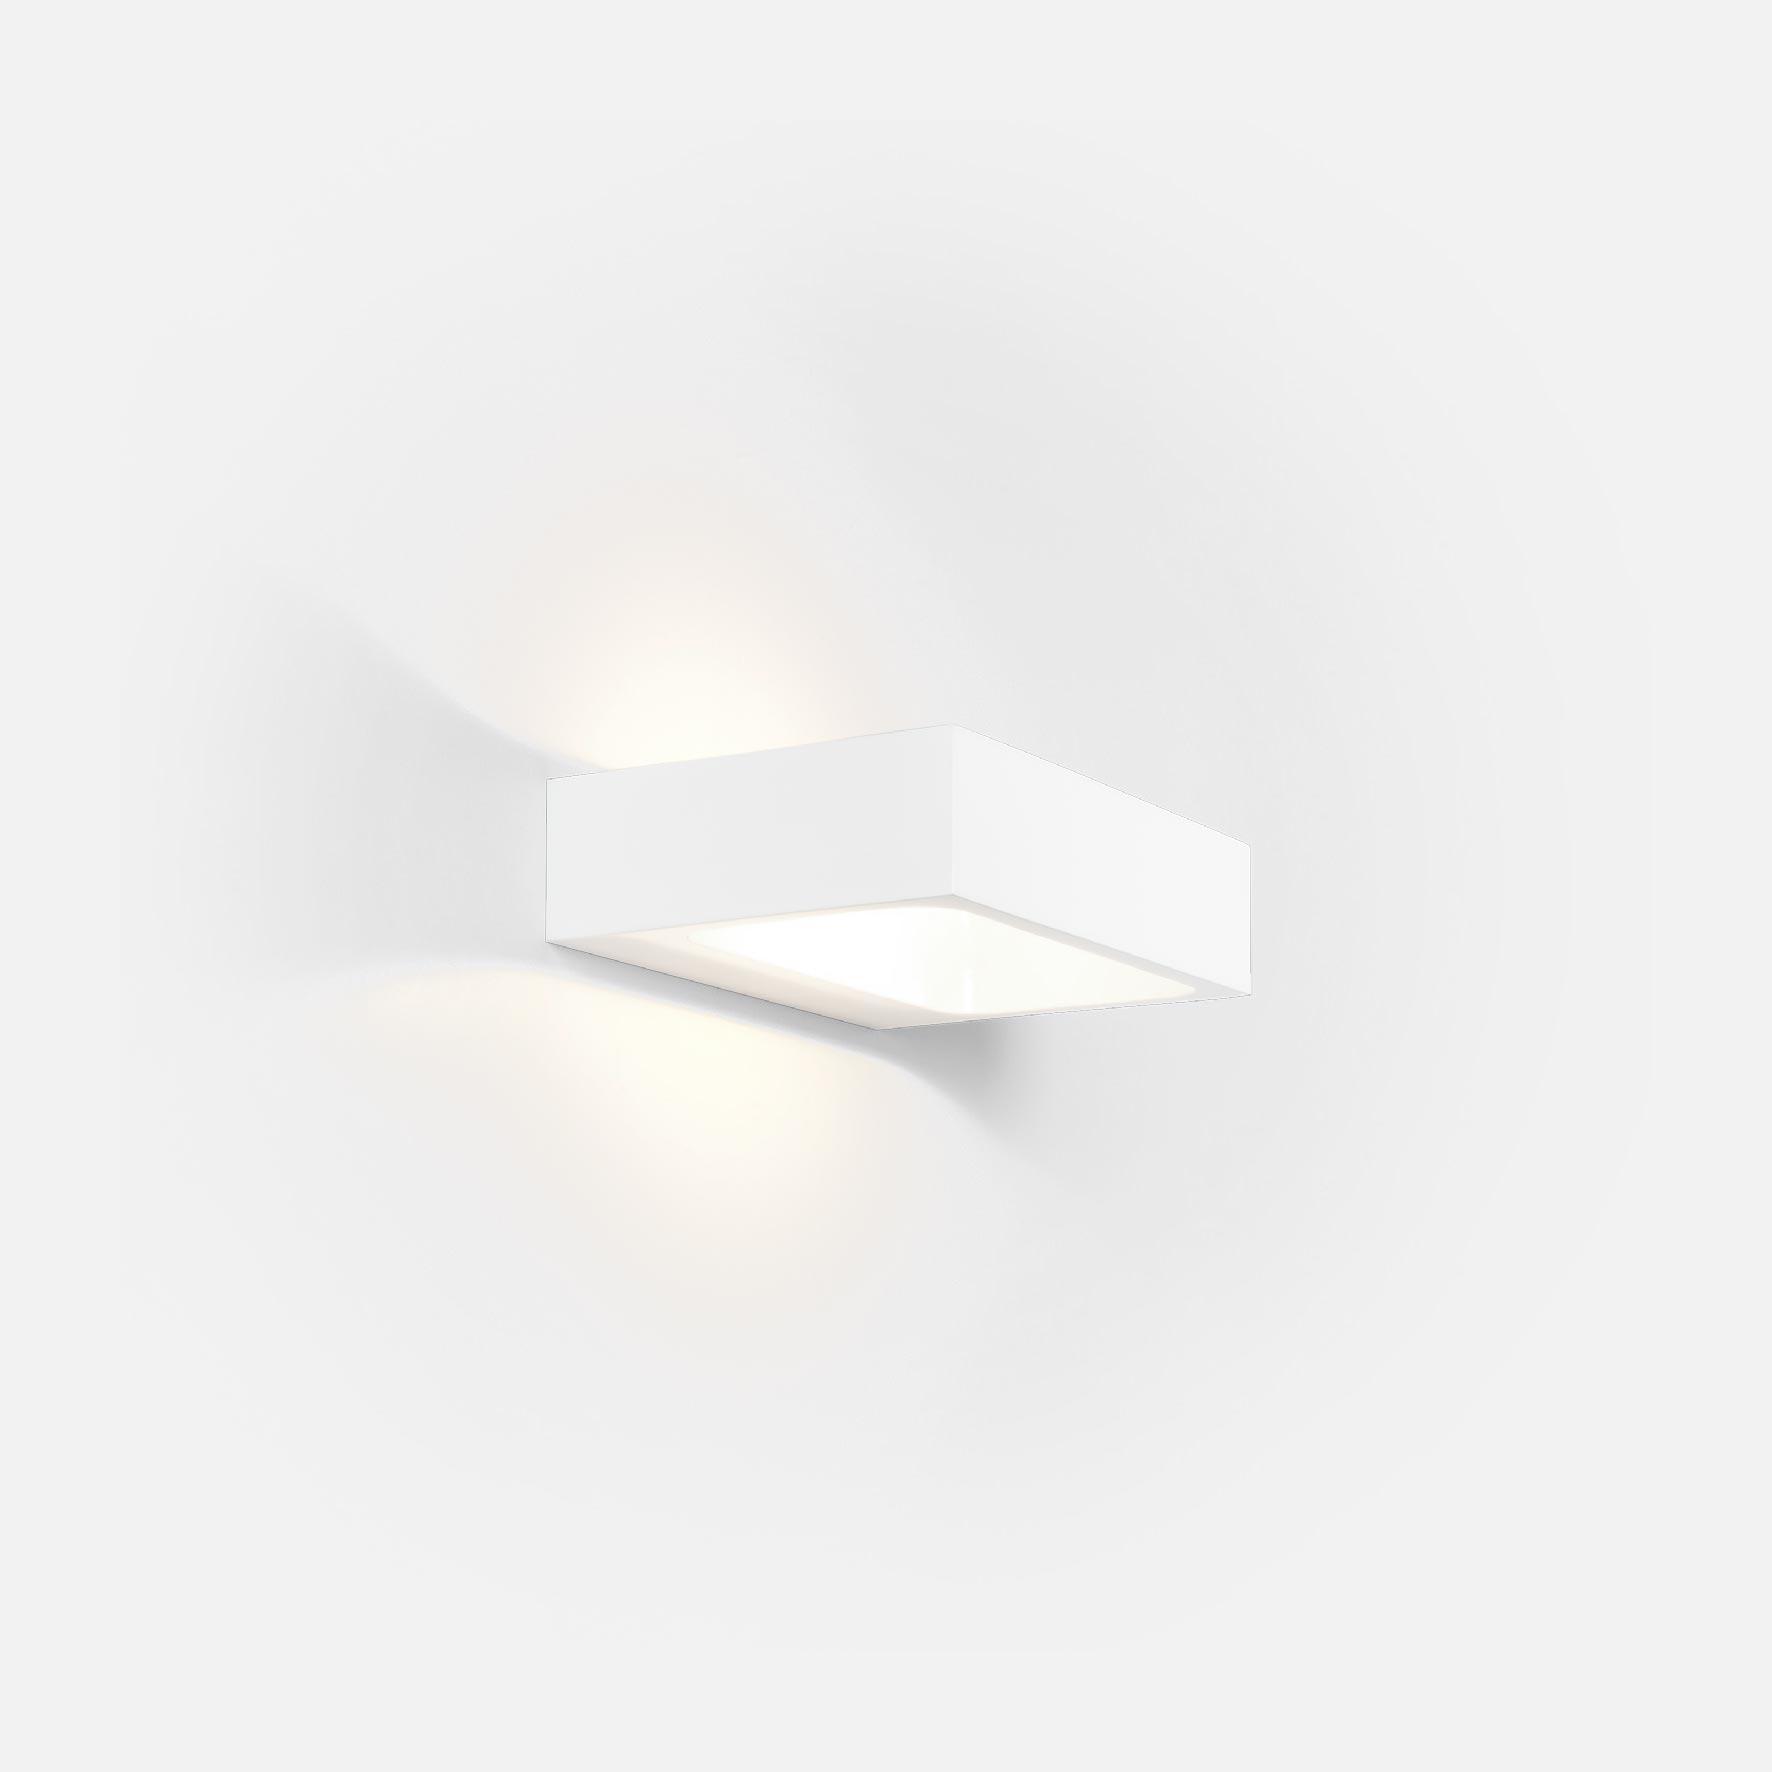 Bento 1.3 white texture